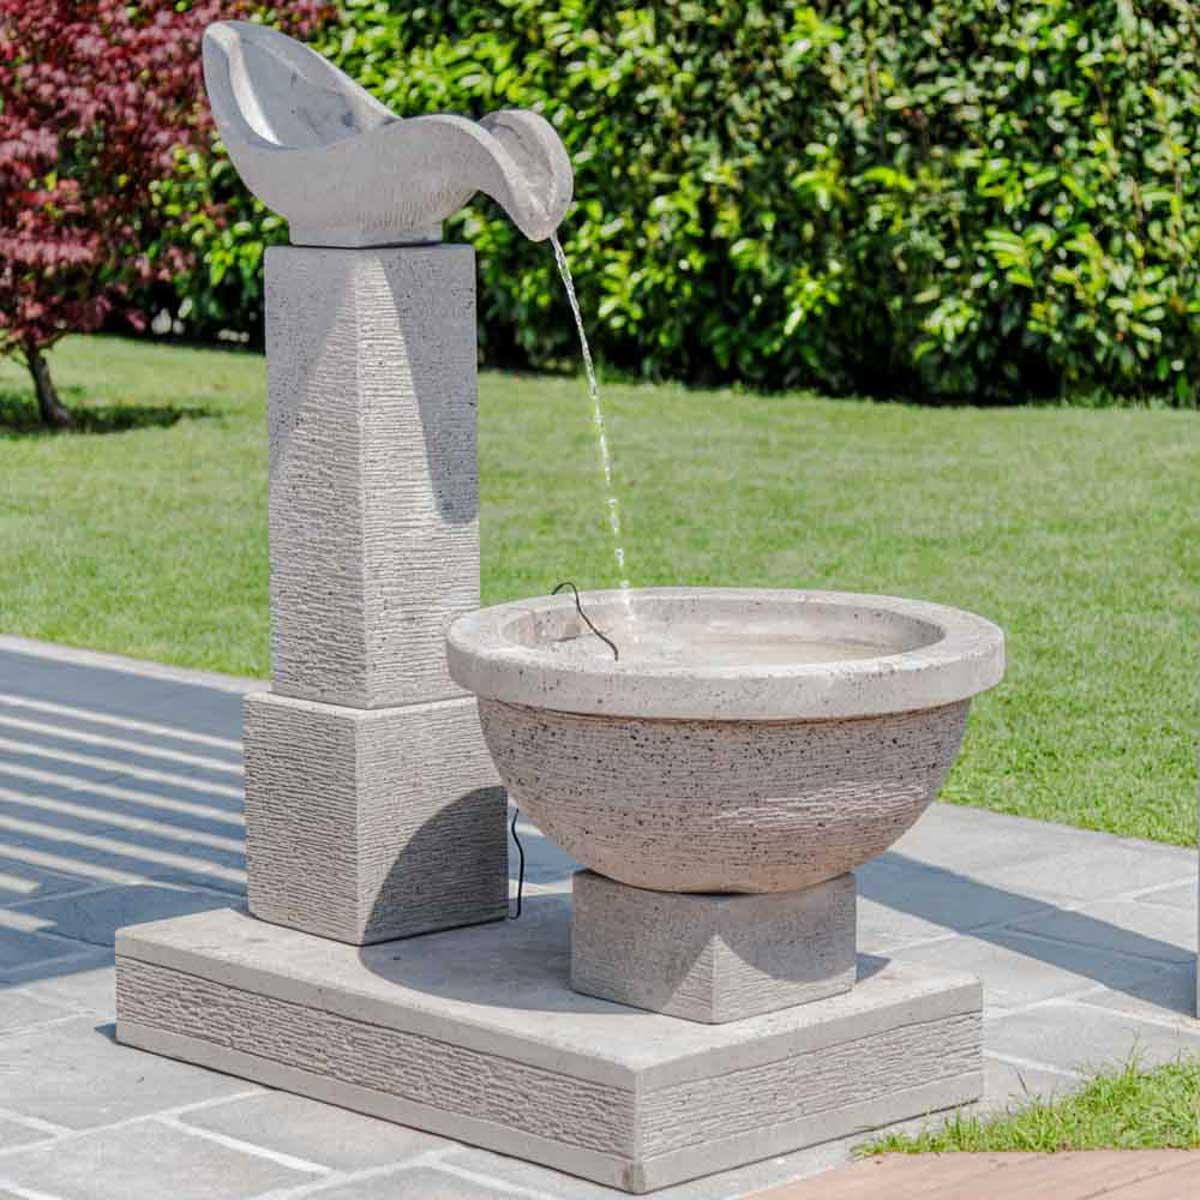 Fuente de jard n fuente exterior cascada 120cm - Cascada de jardin ...